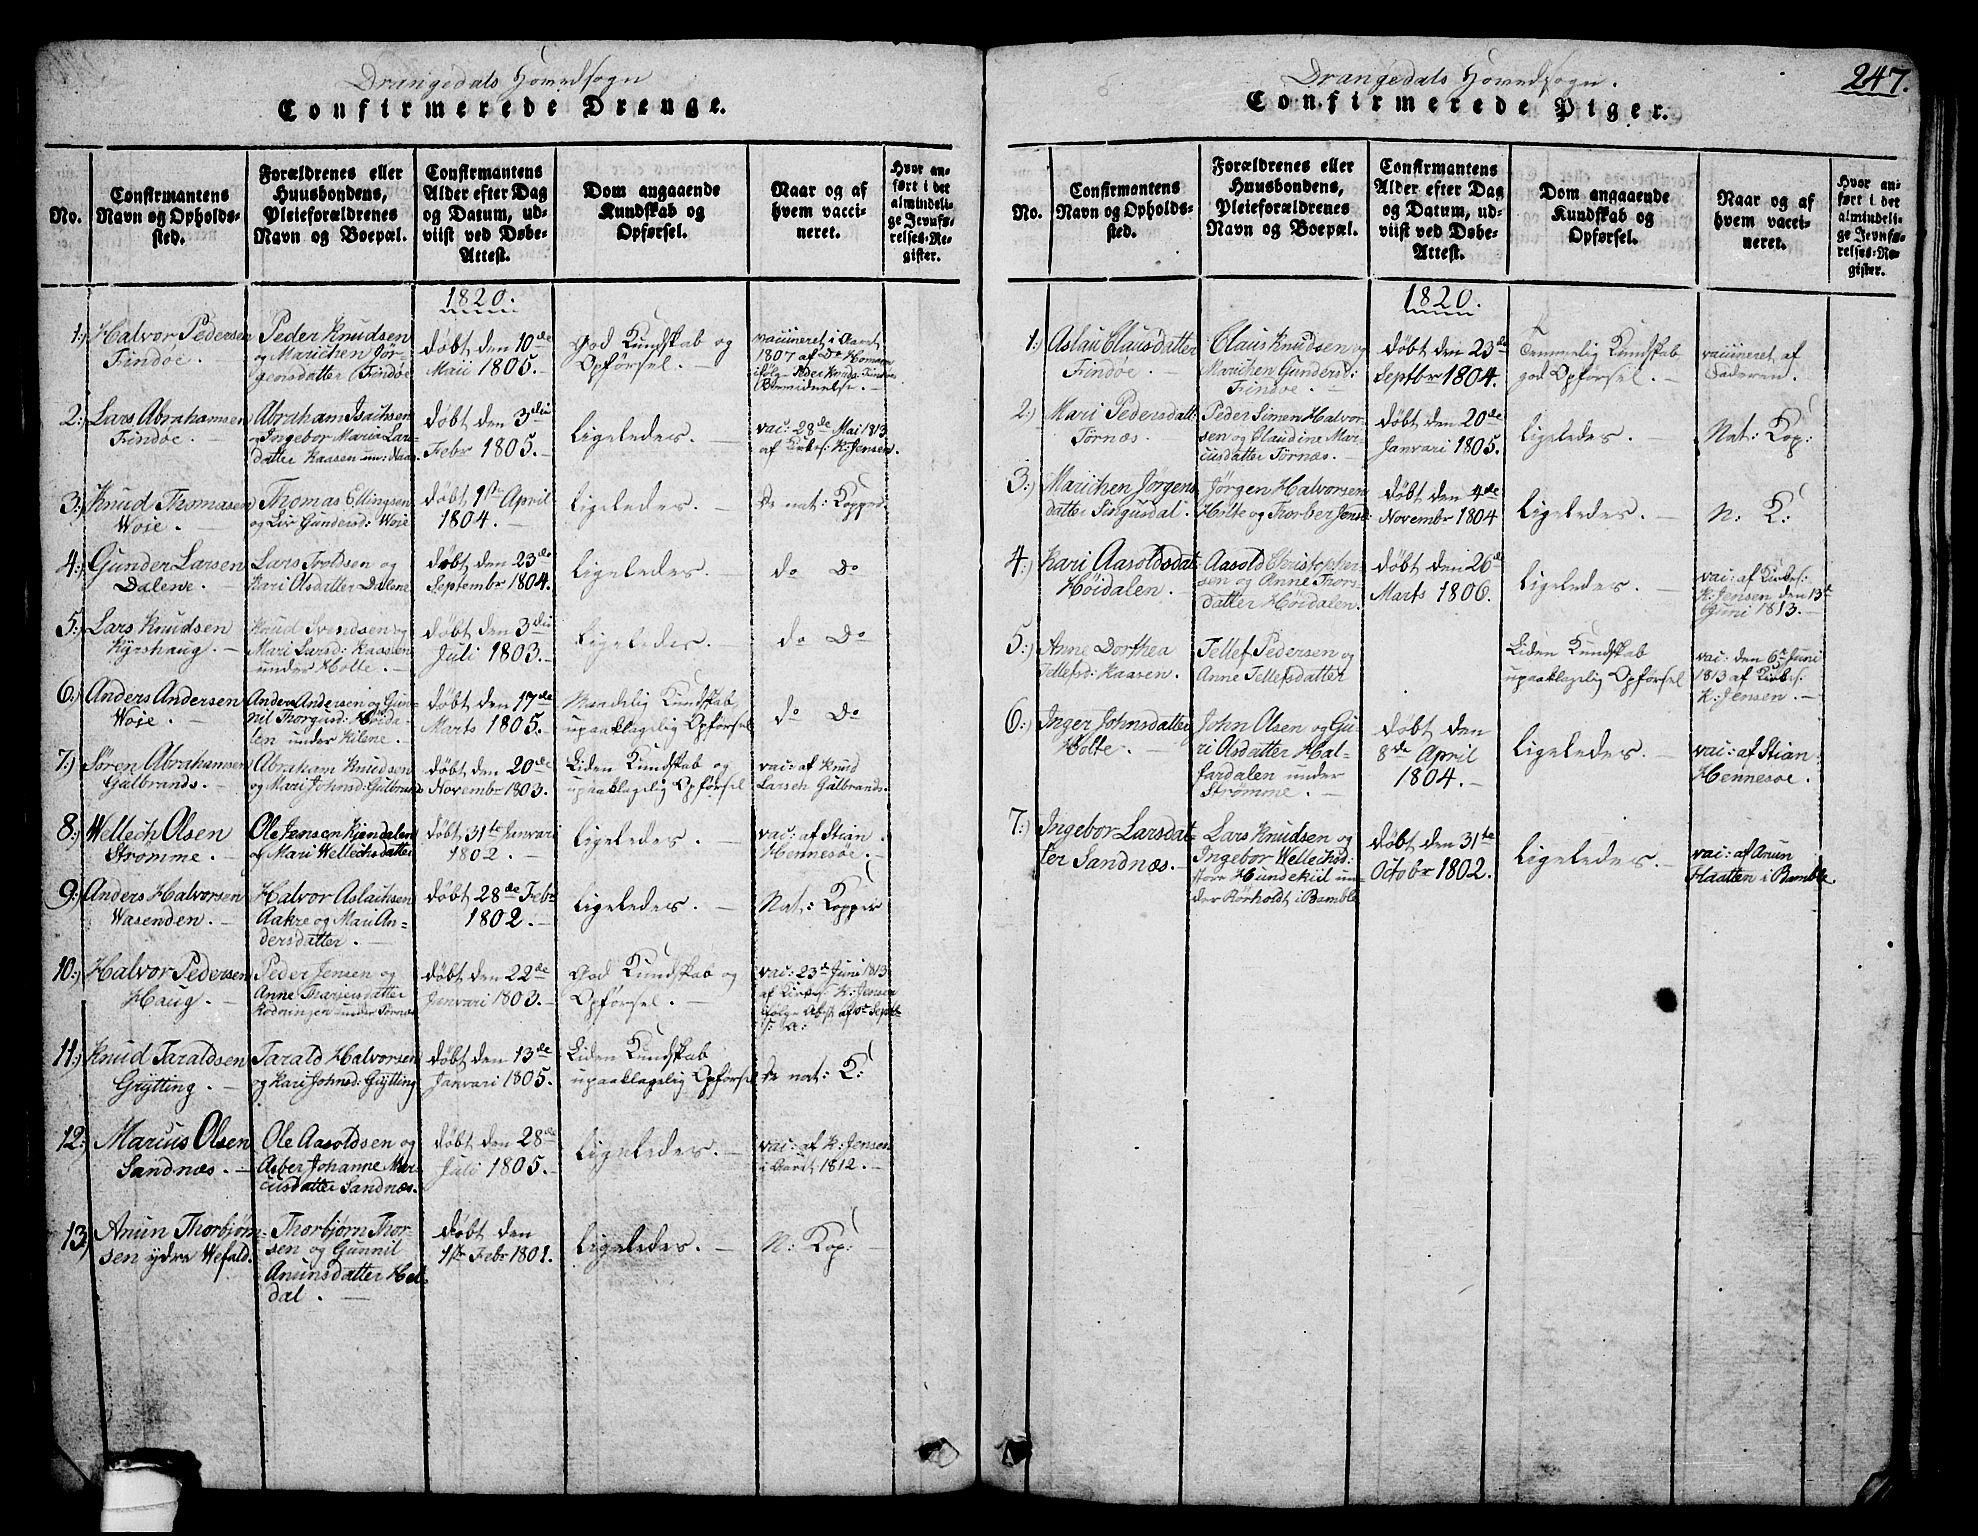 SAKO, Drangedal kirkebøker, G/Ga/L0001: Klokkerbok nr. I 1 /1, 1814-1856, s. 247